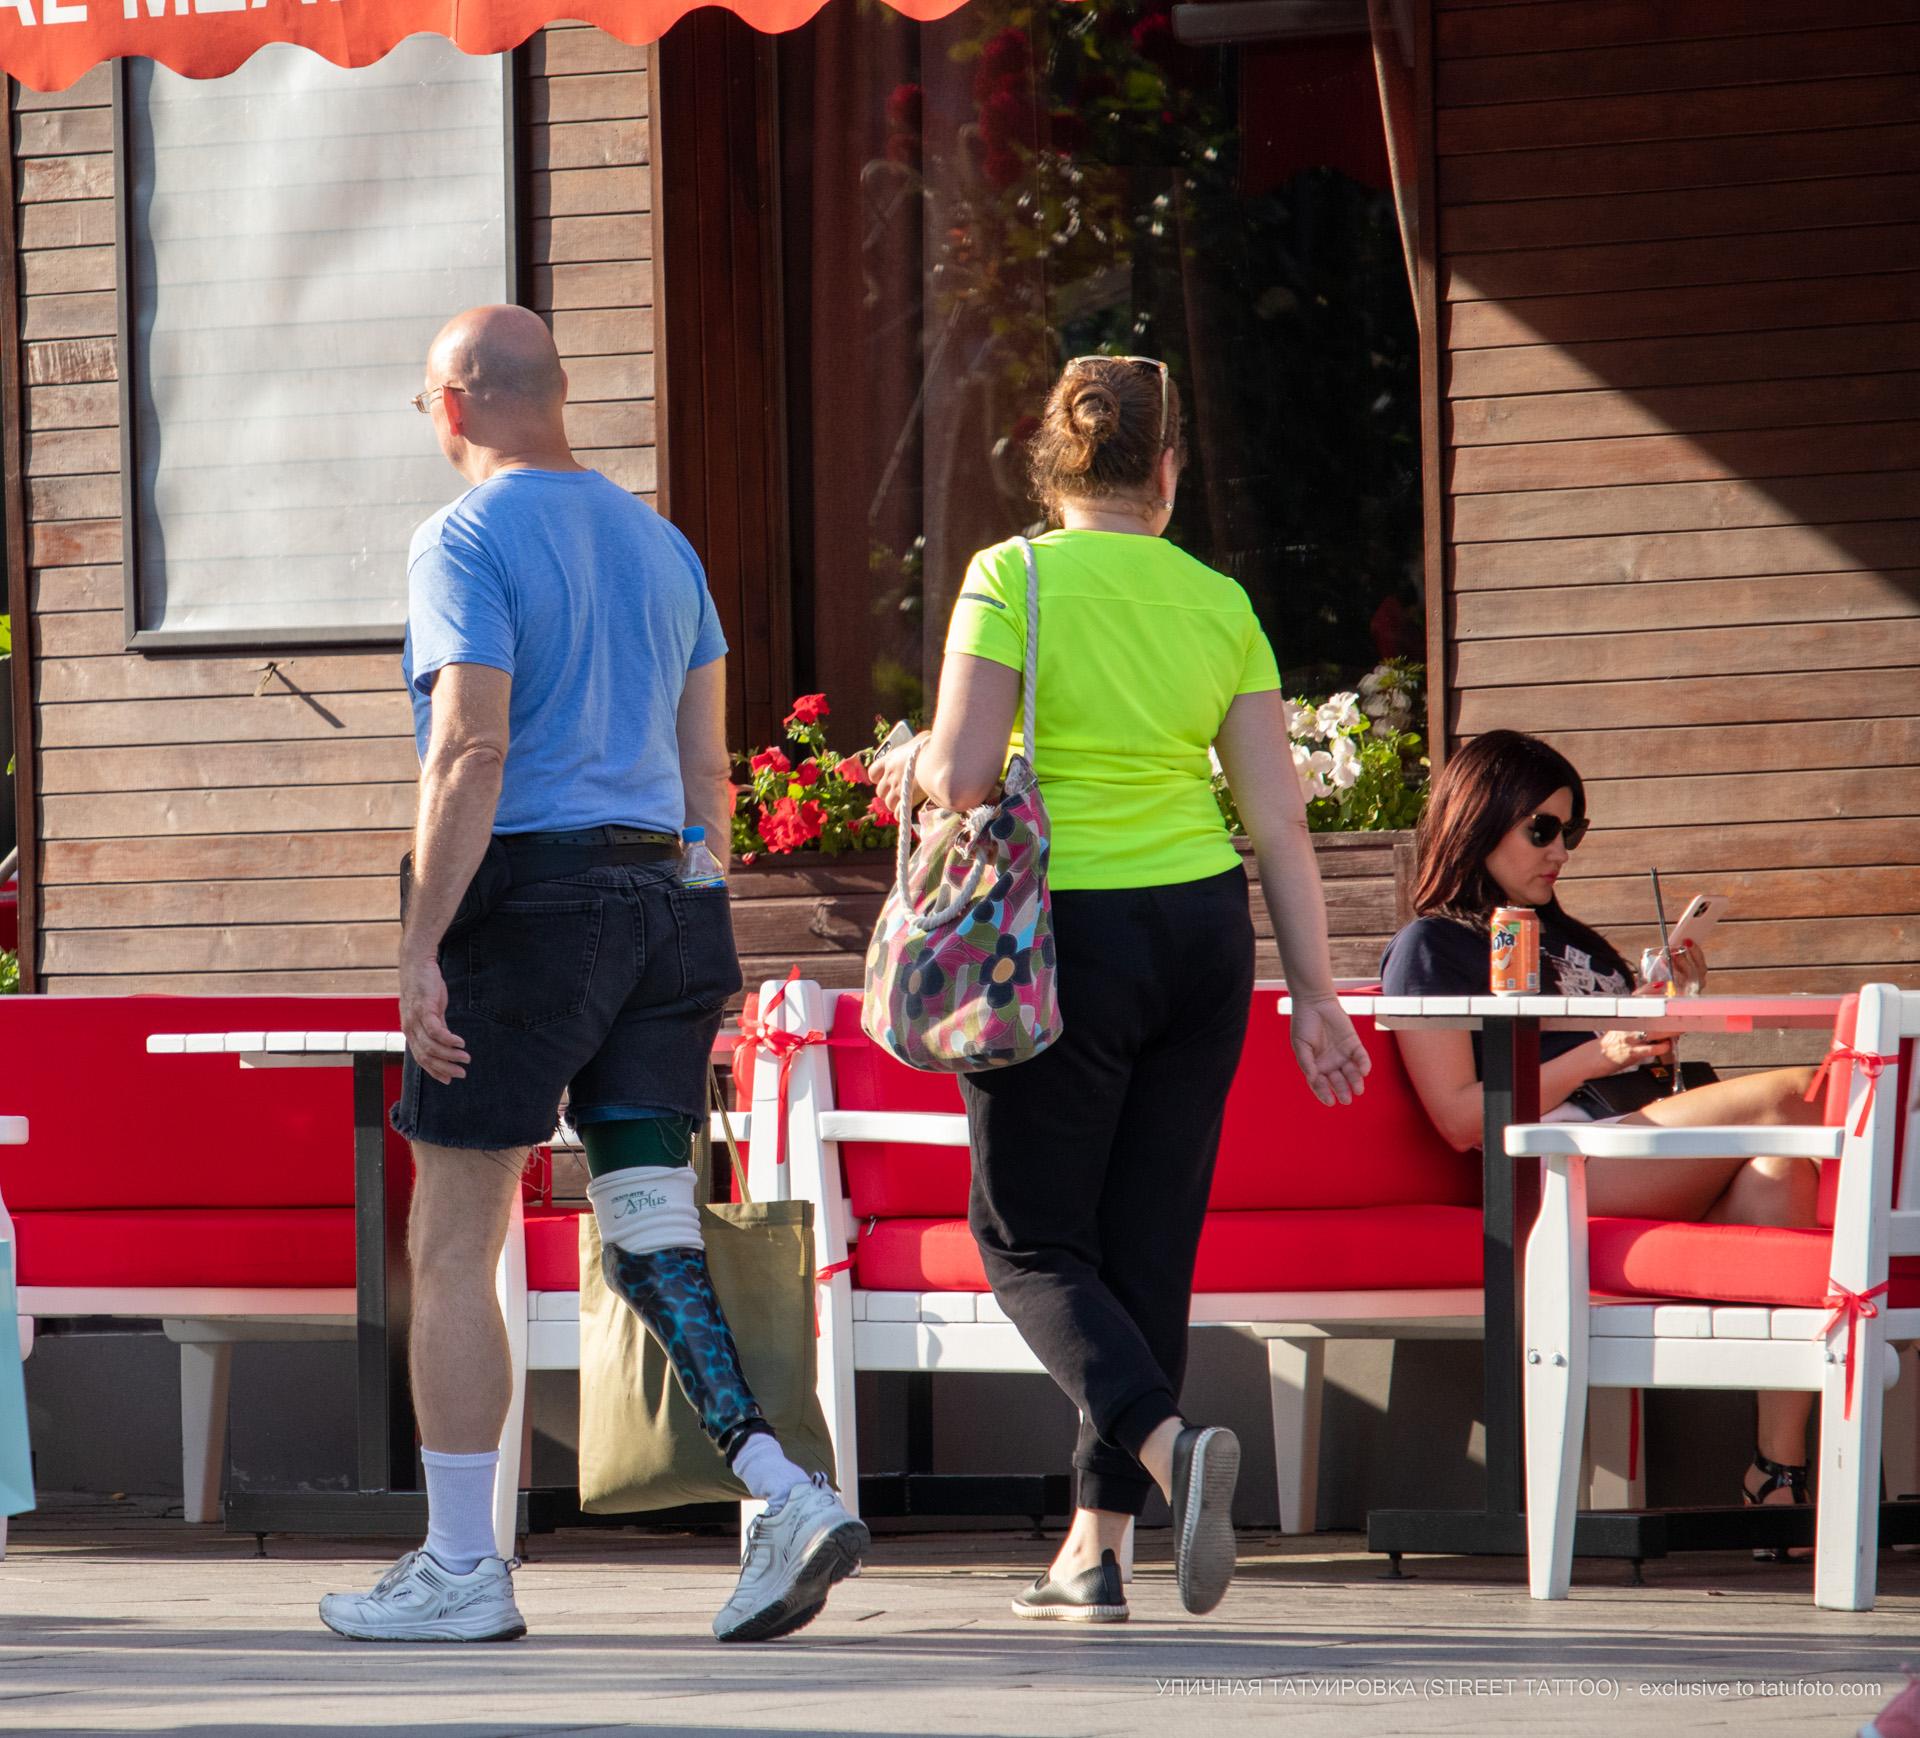 Фото мужчины с протезом ноги который занимается спортом у моря – Уличная татуировка (street tattoo) № 06 – 18.06.2020 – tatufoto.com 1